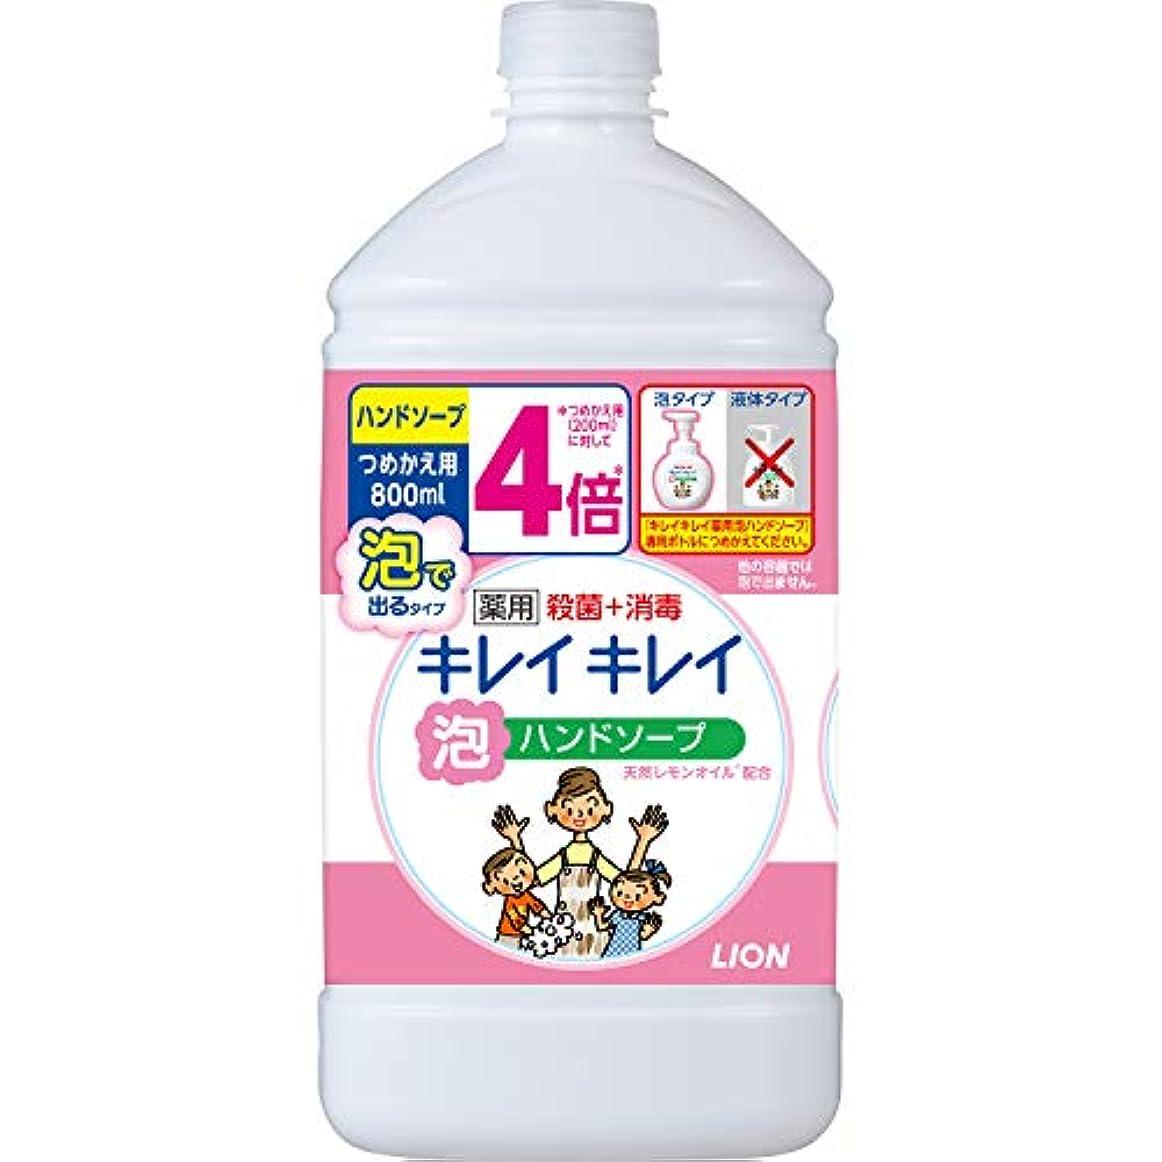 高度なダンプランダム(医薬部外品)【大容量】キレイキレイ 薬用 泡ハンドソープ シトラスフルーティの香り 詰替特大 800ml